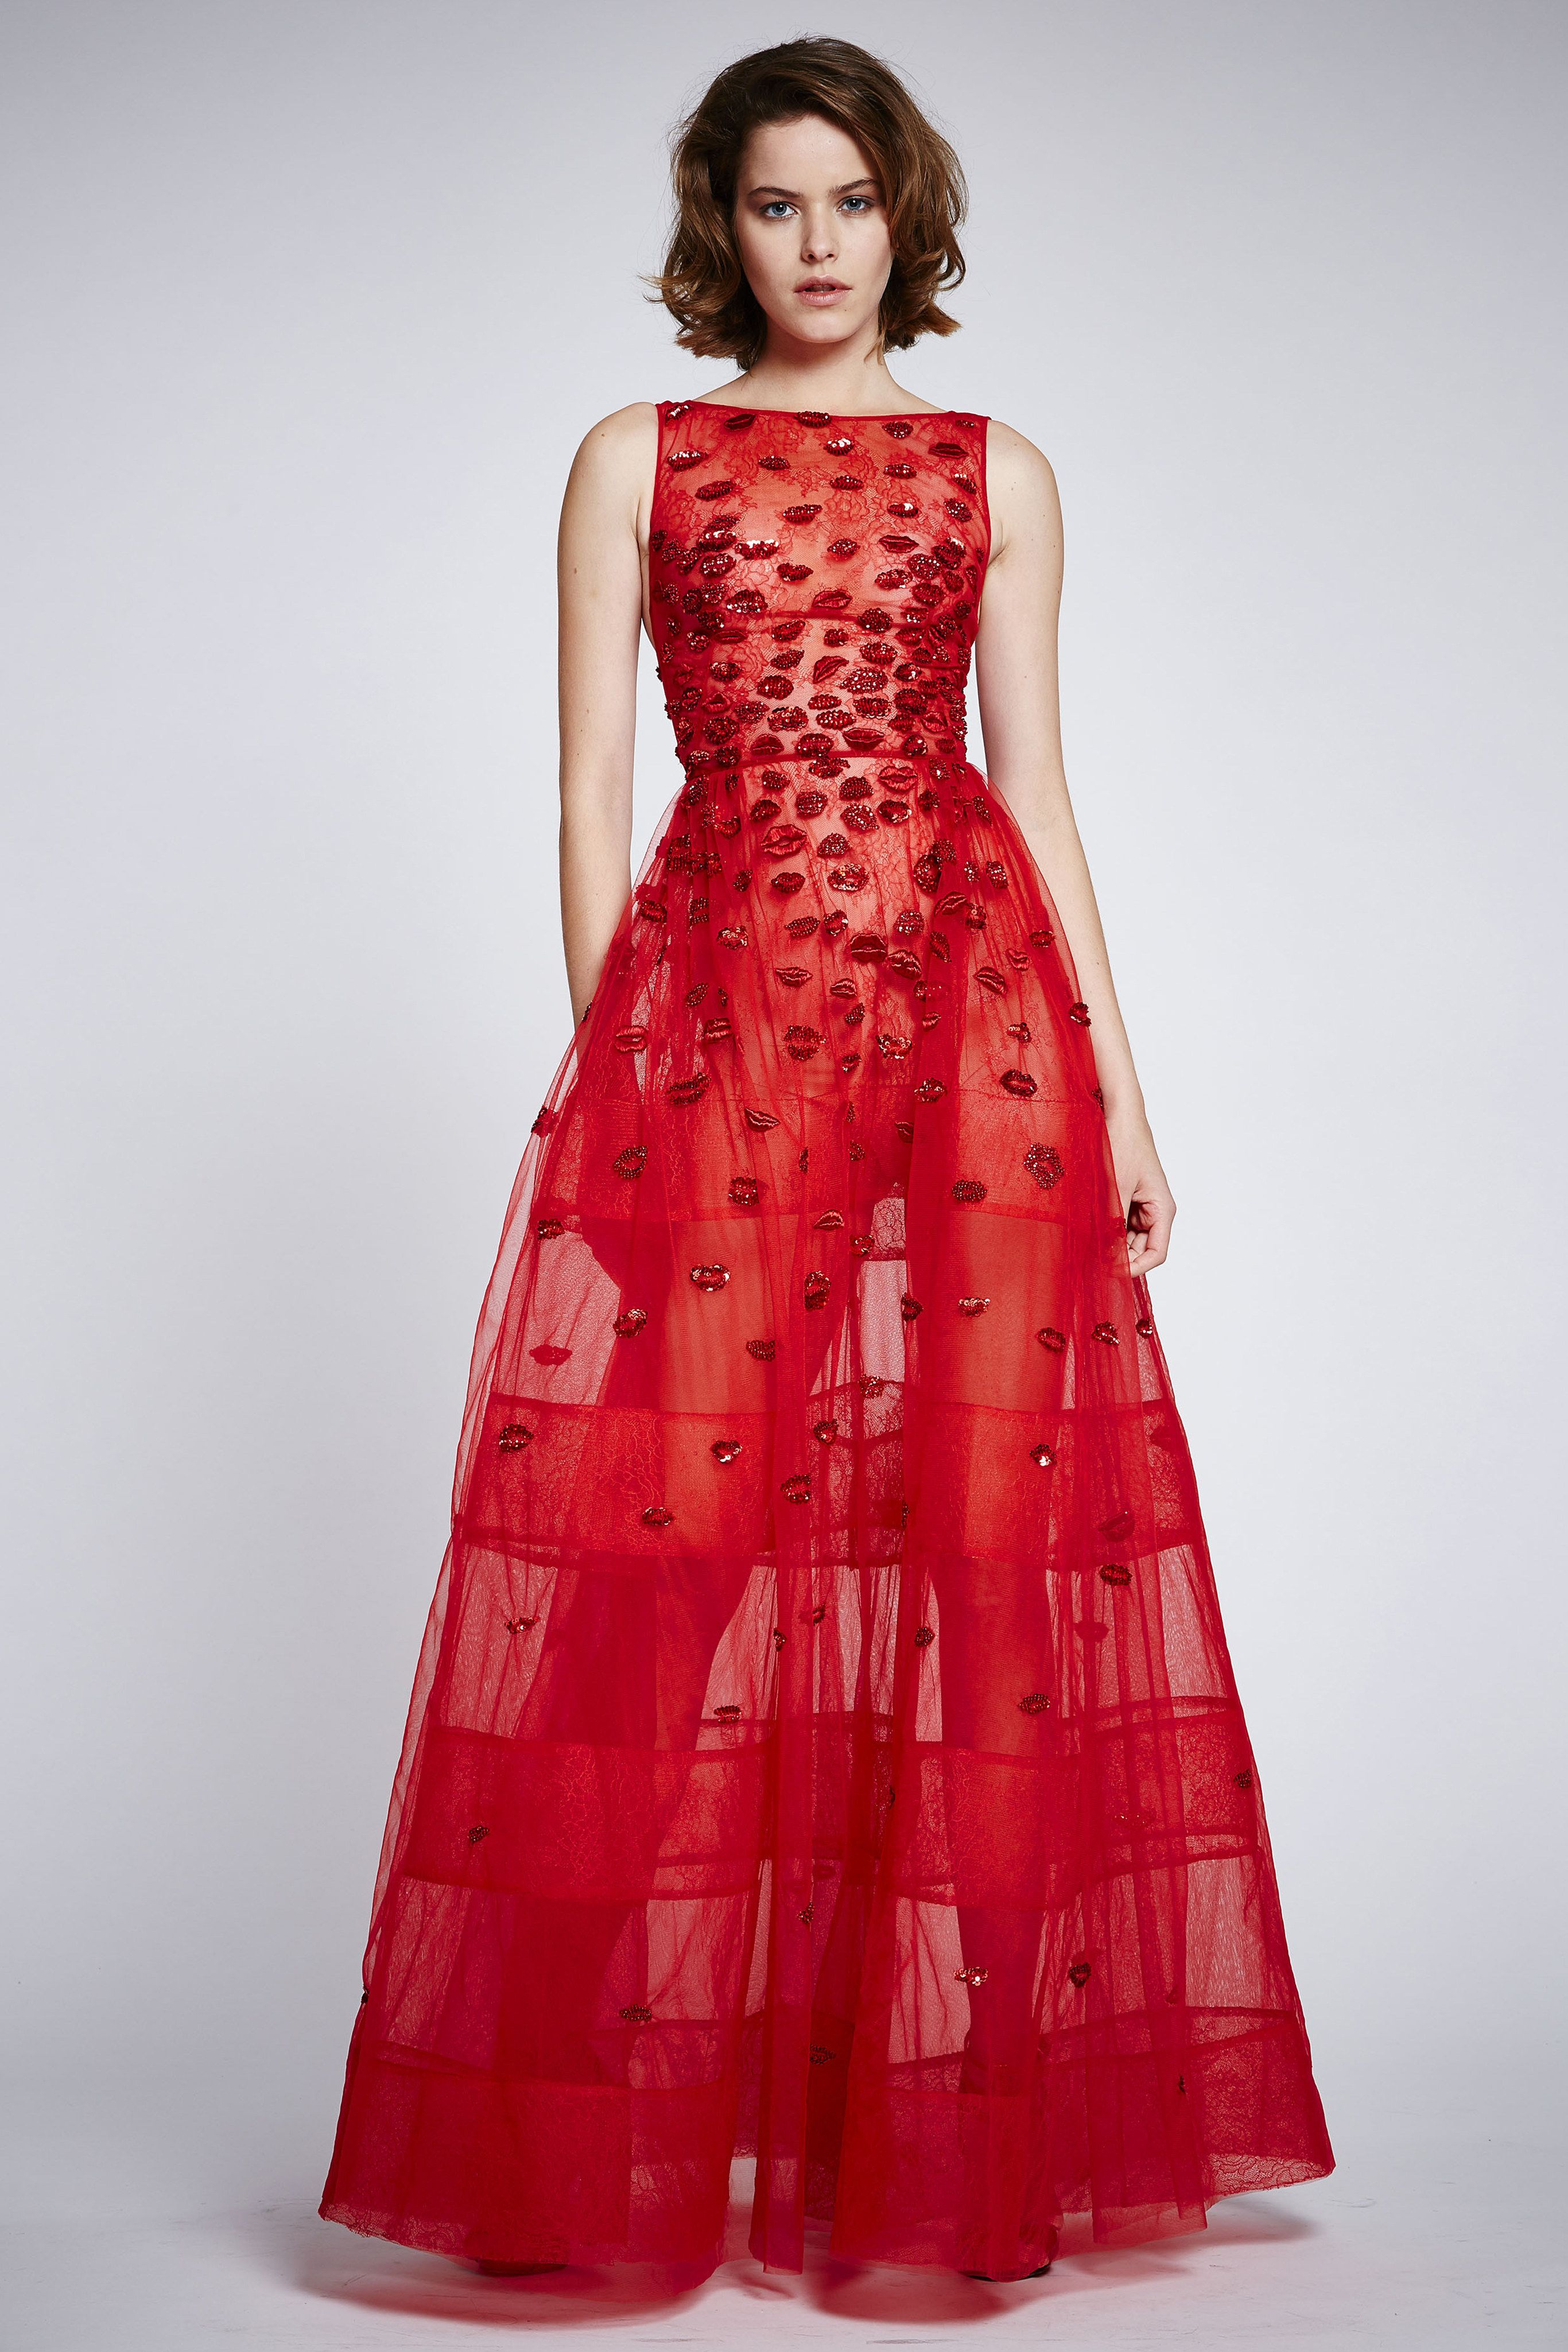 Prom dress vogue quiet